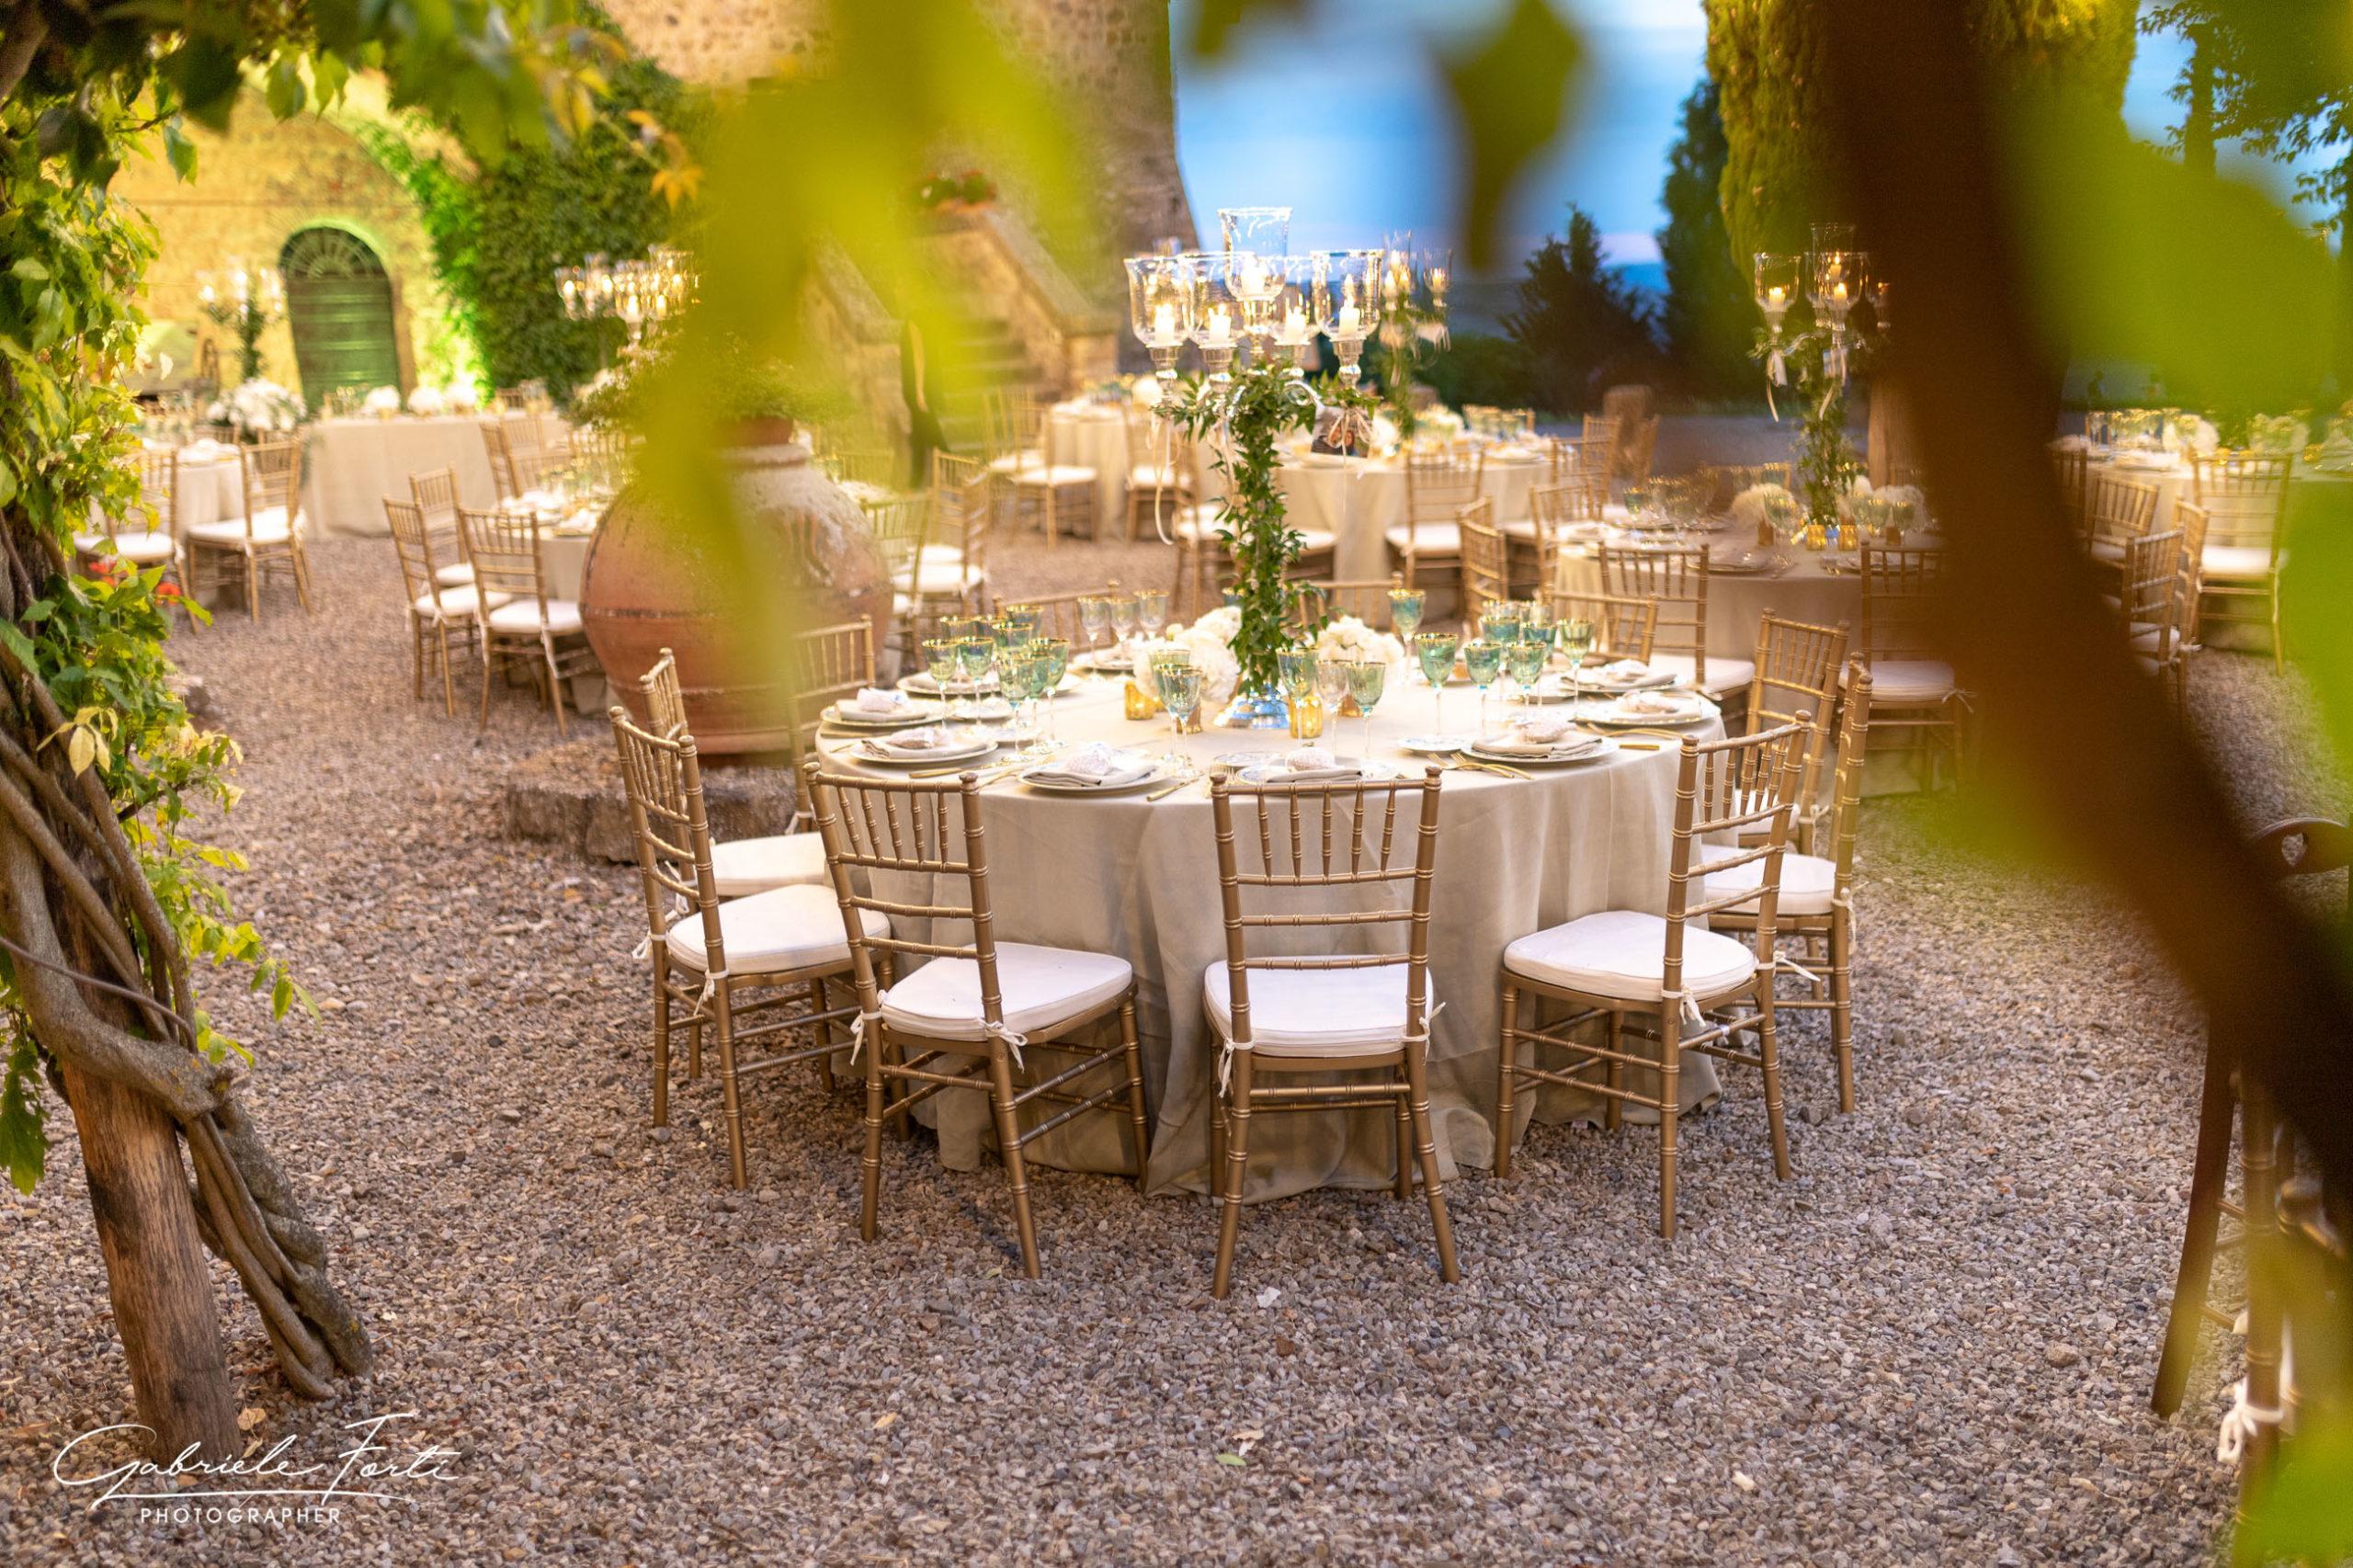 wedding-day-la-rimbecca-siena-pienza-tuscany-foto-forti-gabriele-9